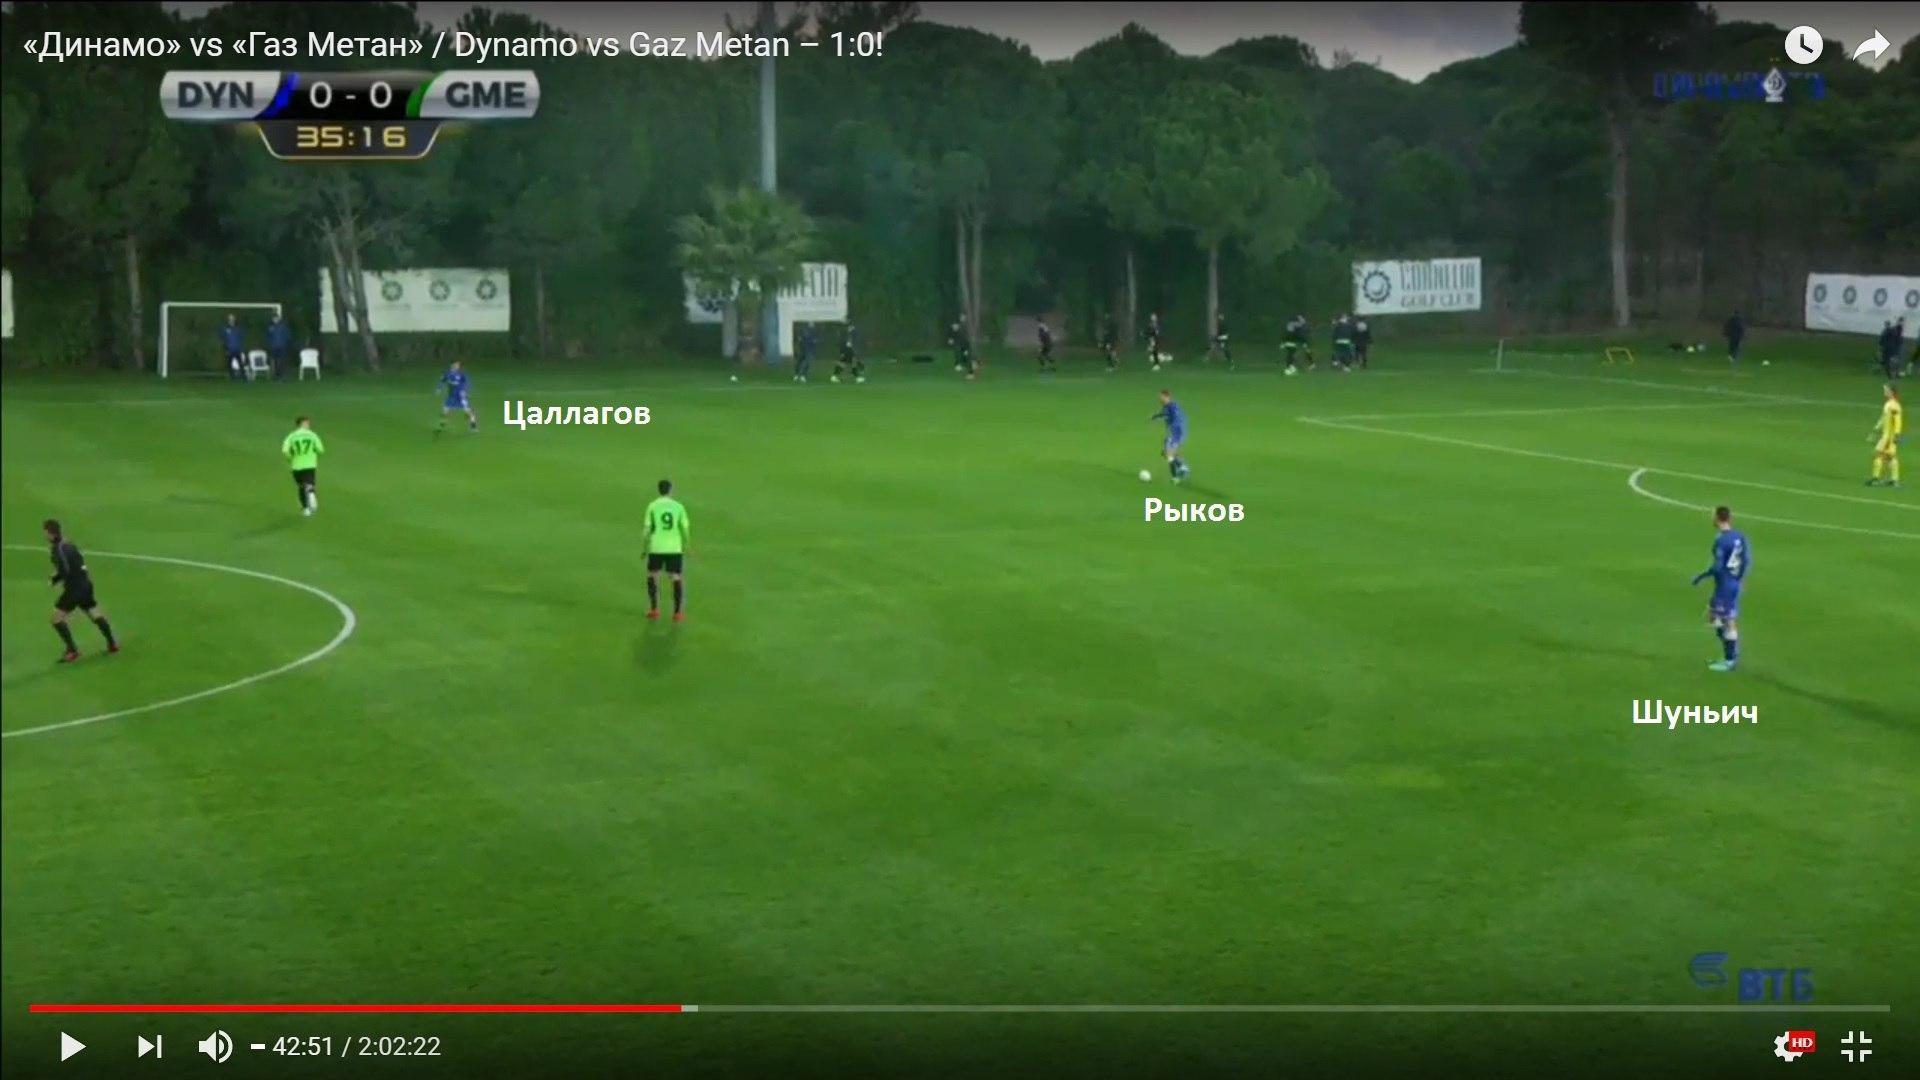 Марков исполнил роль Заболотного: тактические штрихи первого матча «Динамо»